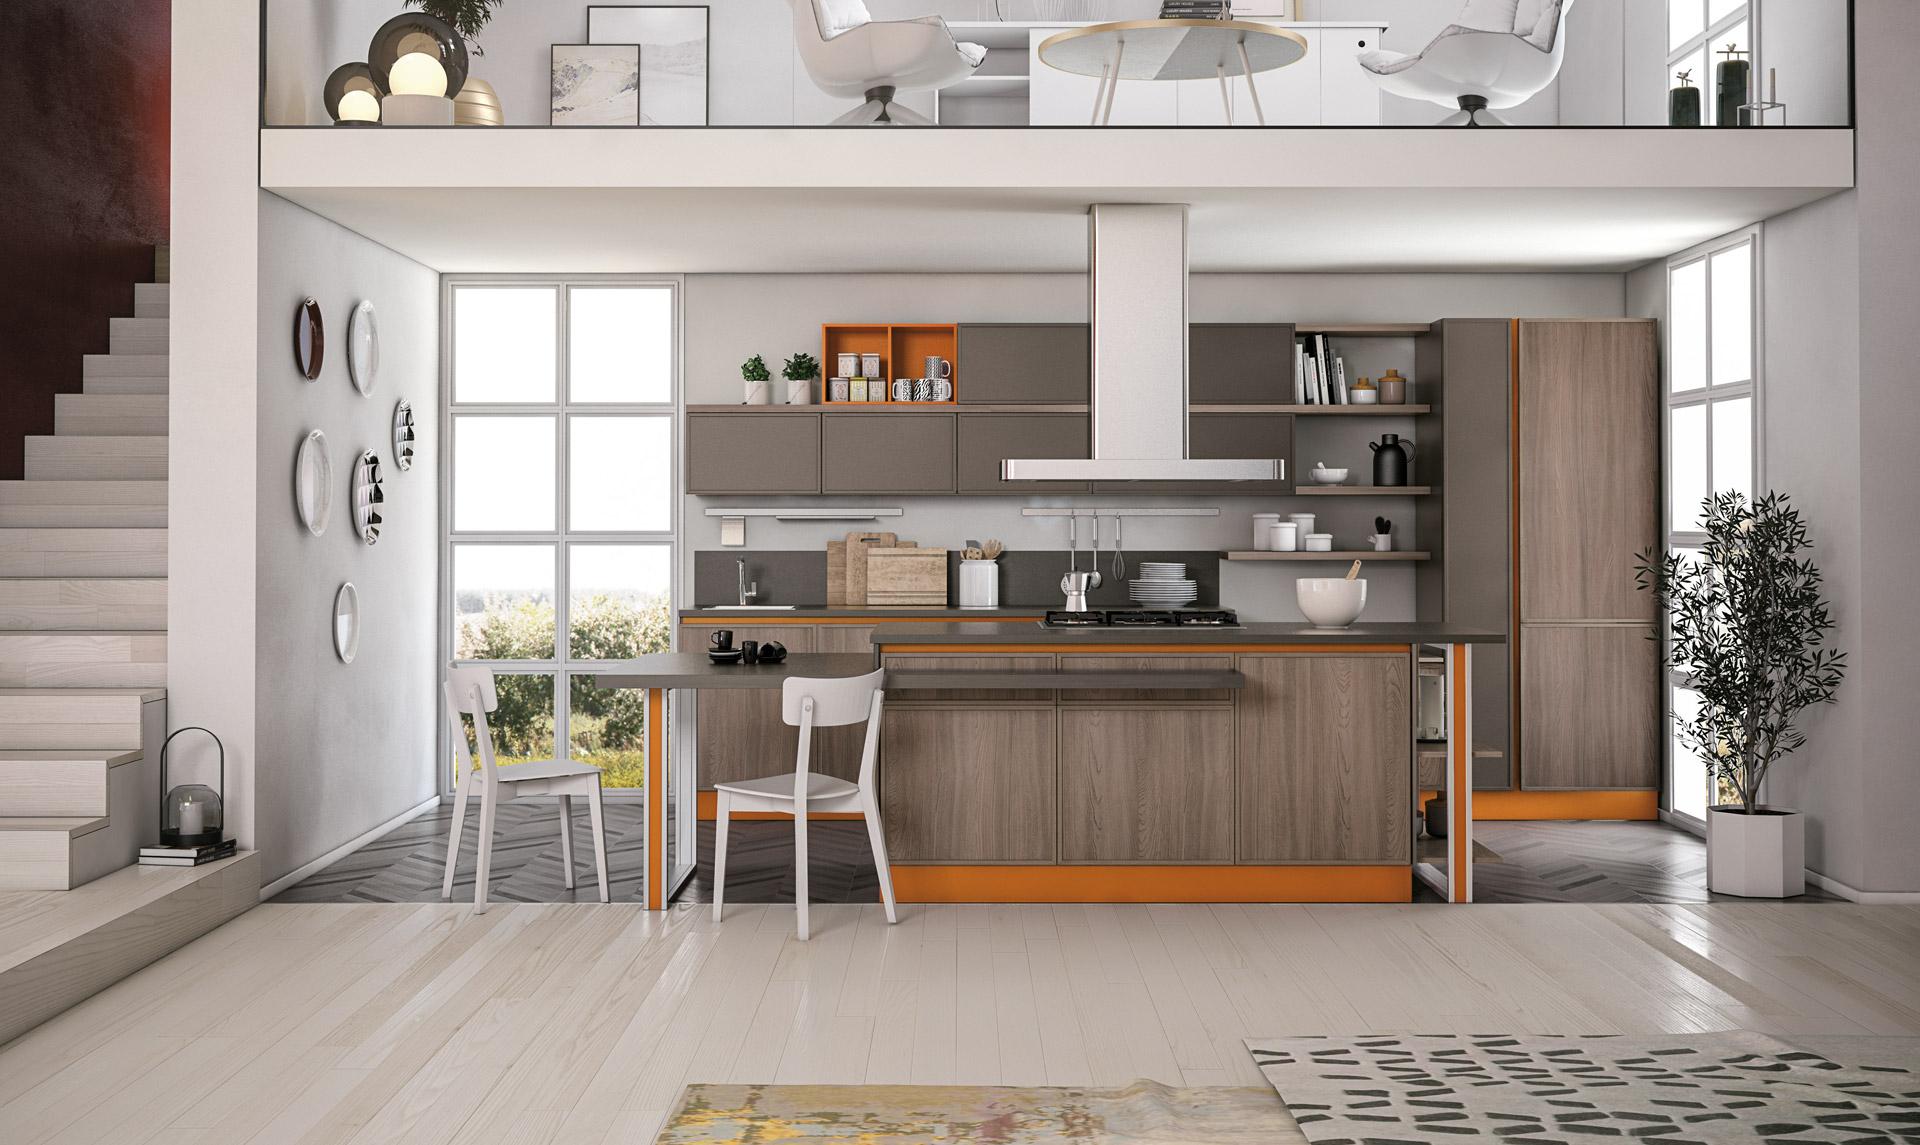 Rivenditori Cucine Lube A Roma creo kitchens - cucine lube la spezia